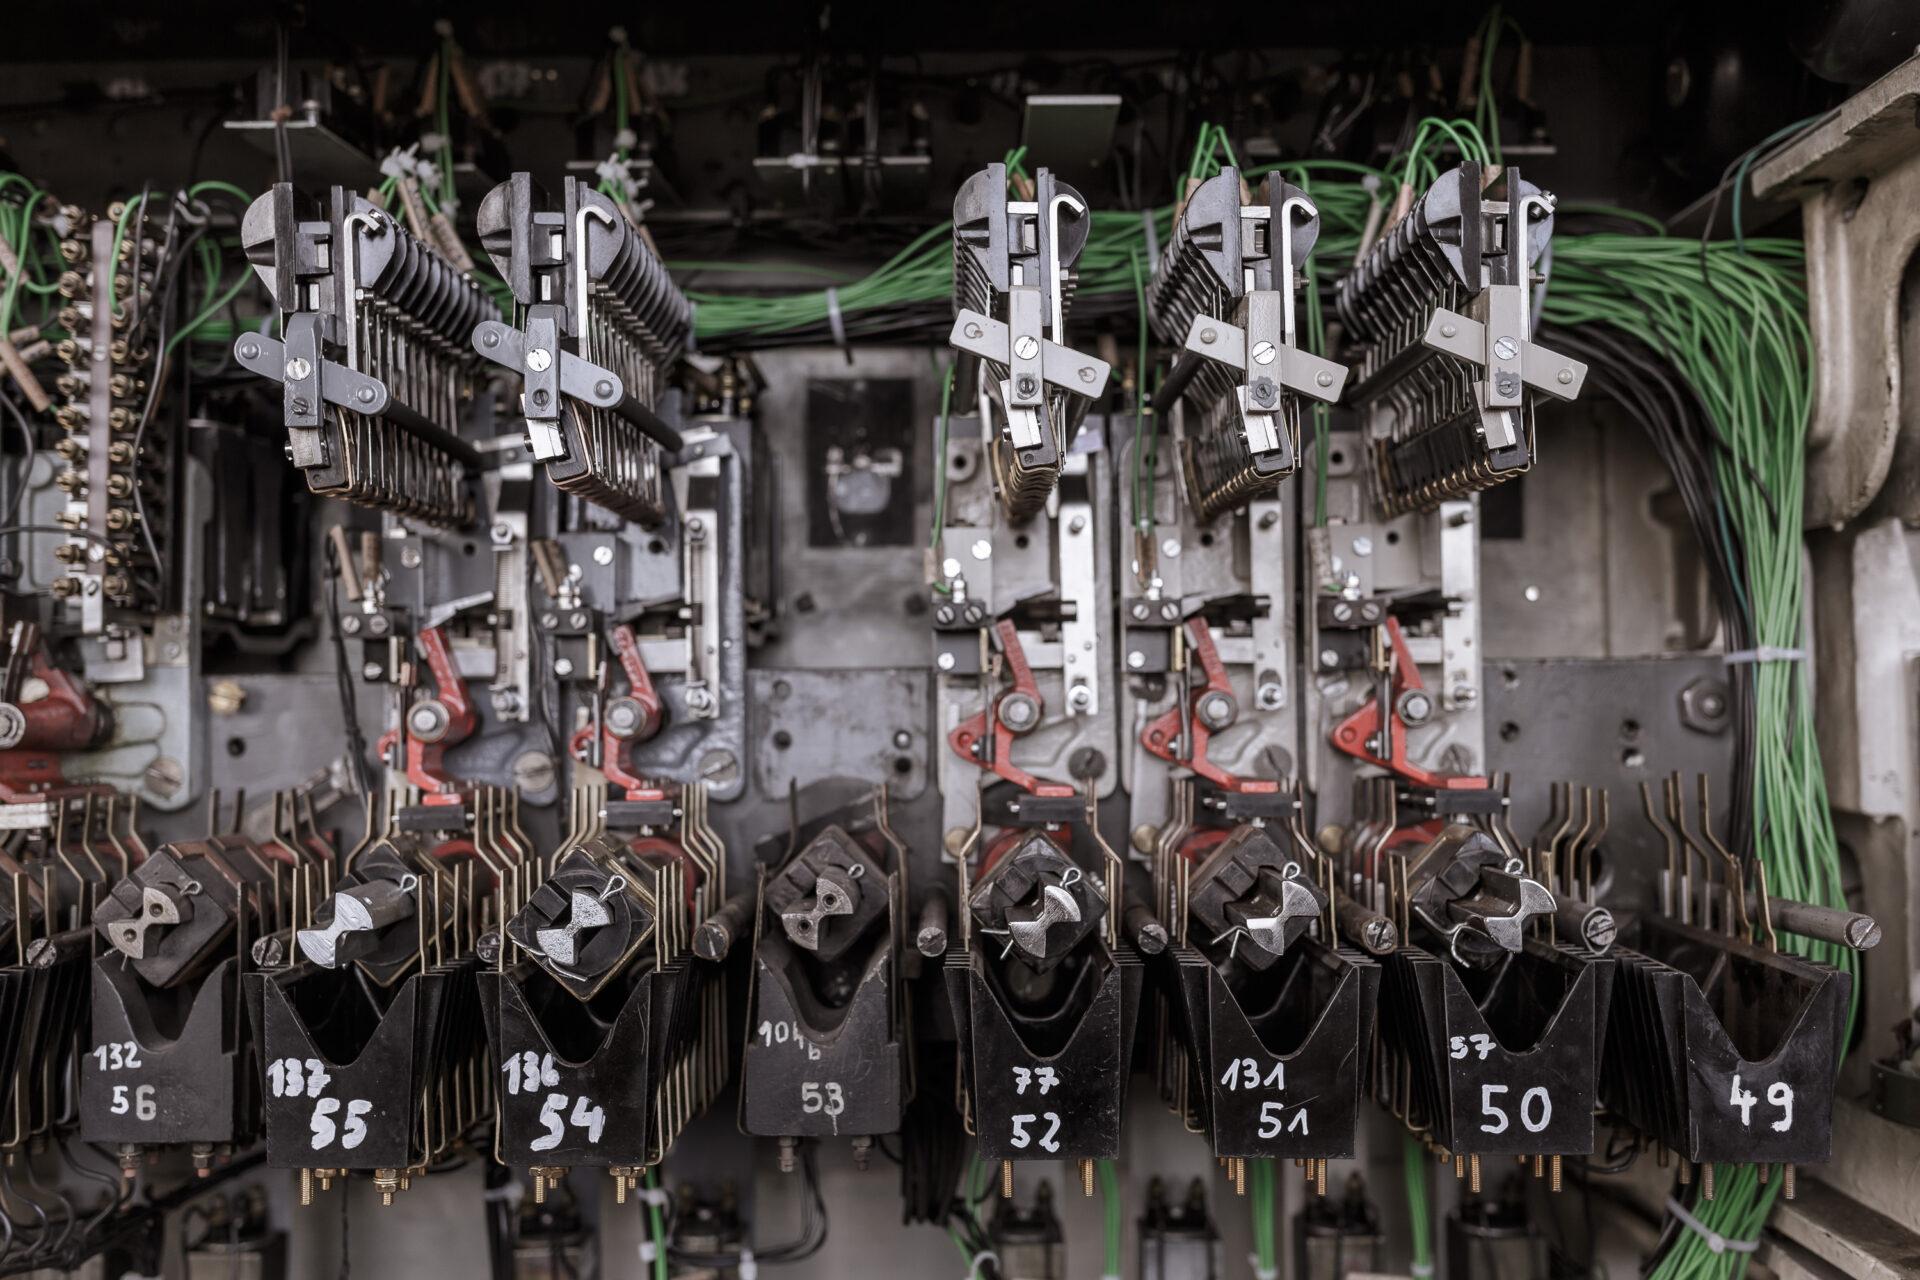 Bahn, Eisenbahn, FES, Instandhaltung, Mechanik, Reparatur, Zug, experten, historische Technik, stellwerk, technik